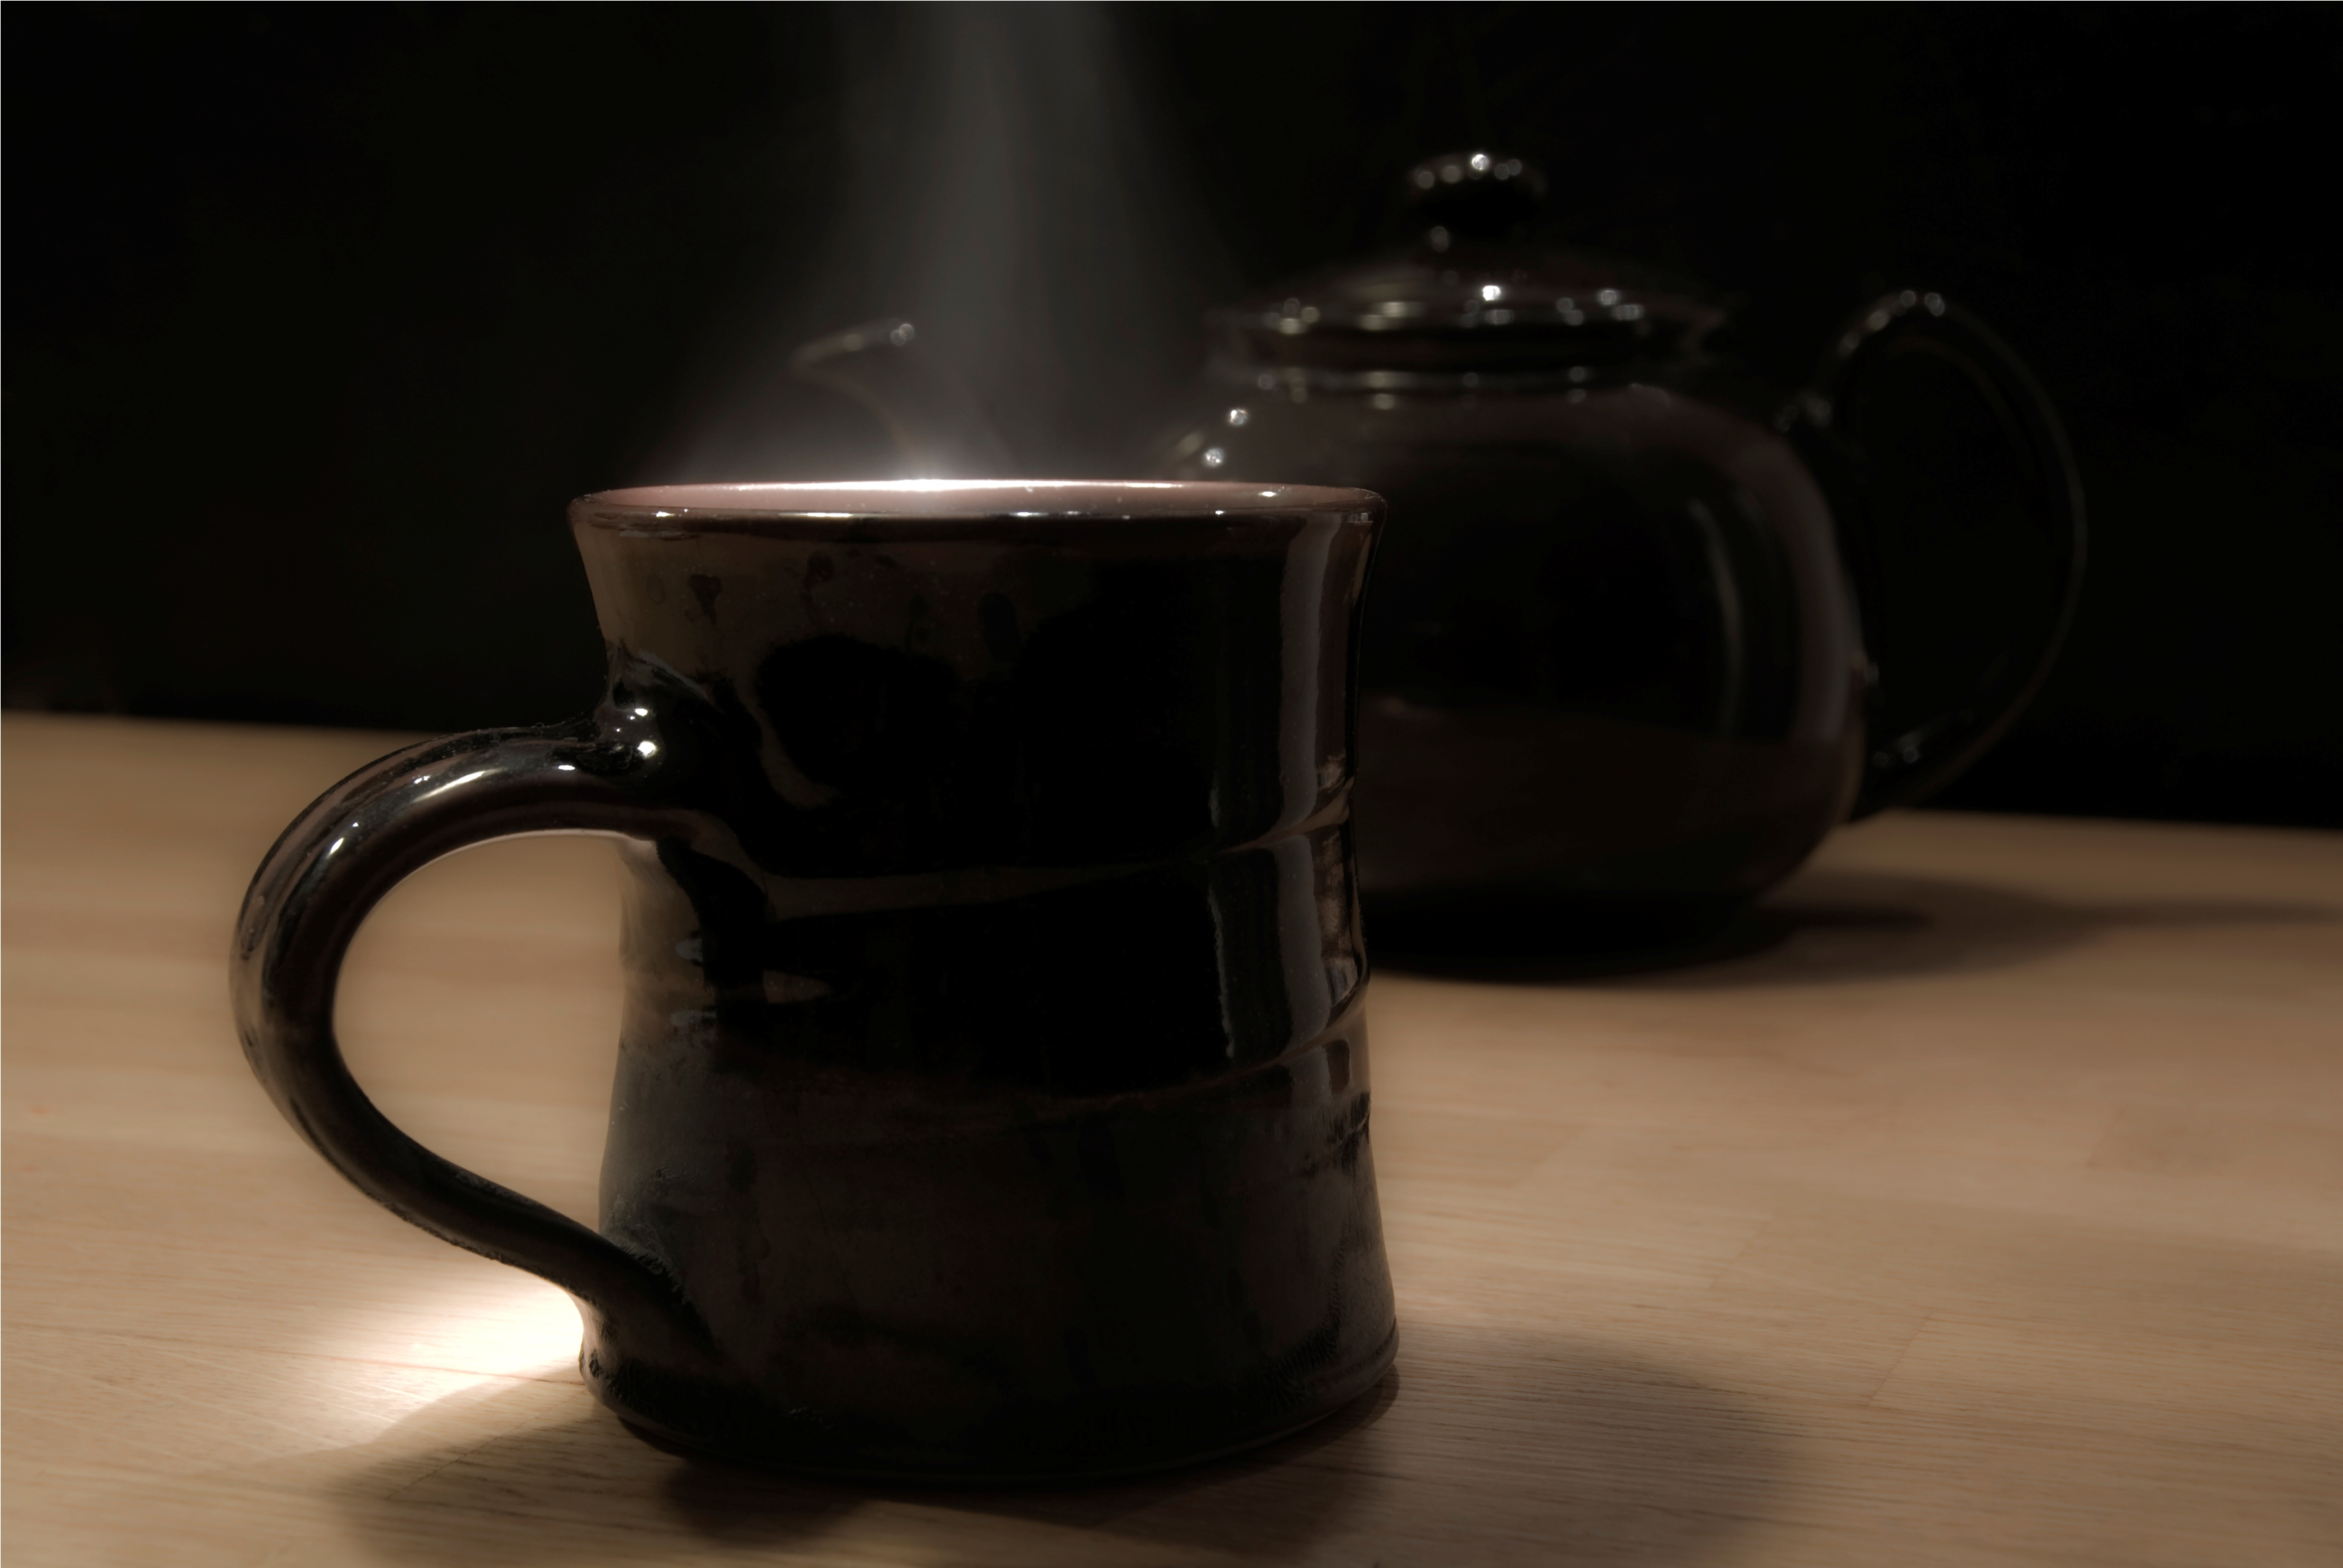 茶壶。摄于2012年3月。照片来源:Kalense Kid